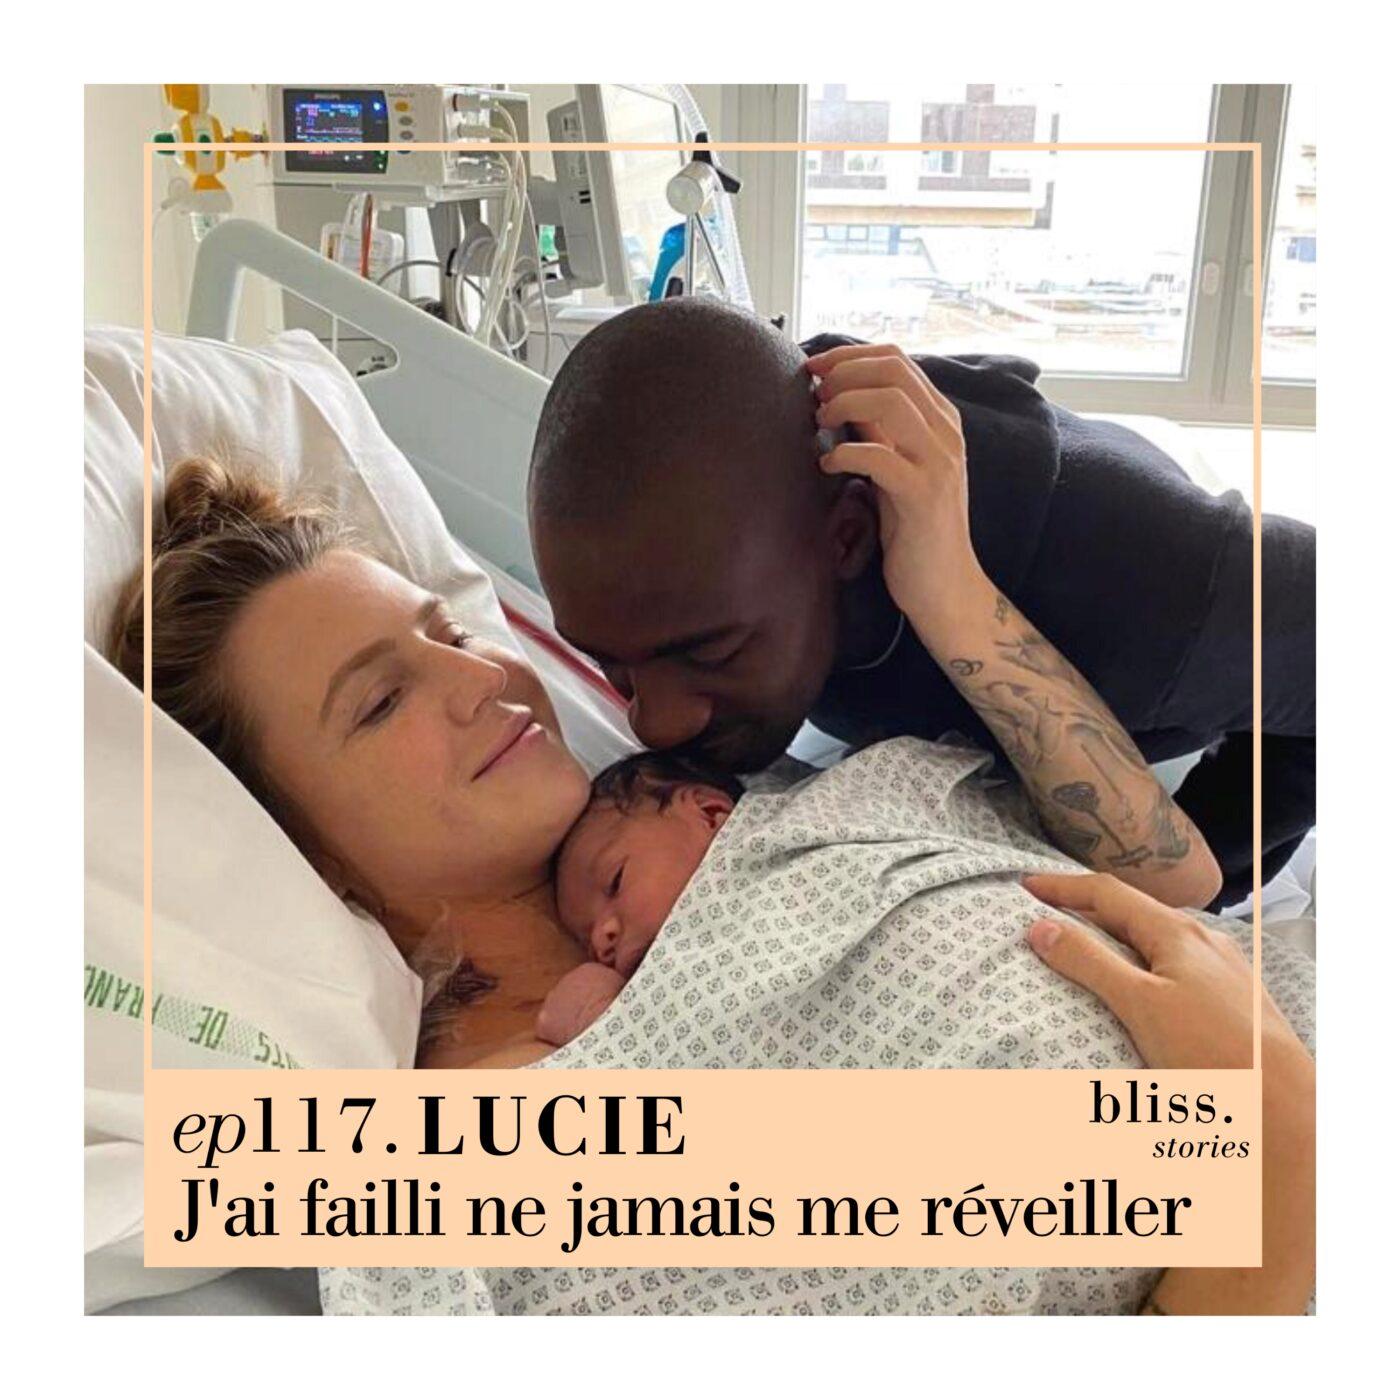 EP117- LUCIE, J'AI FAILLI NE JAMAIS ME RÉVEILLER